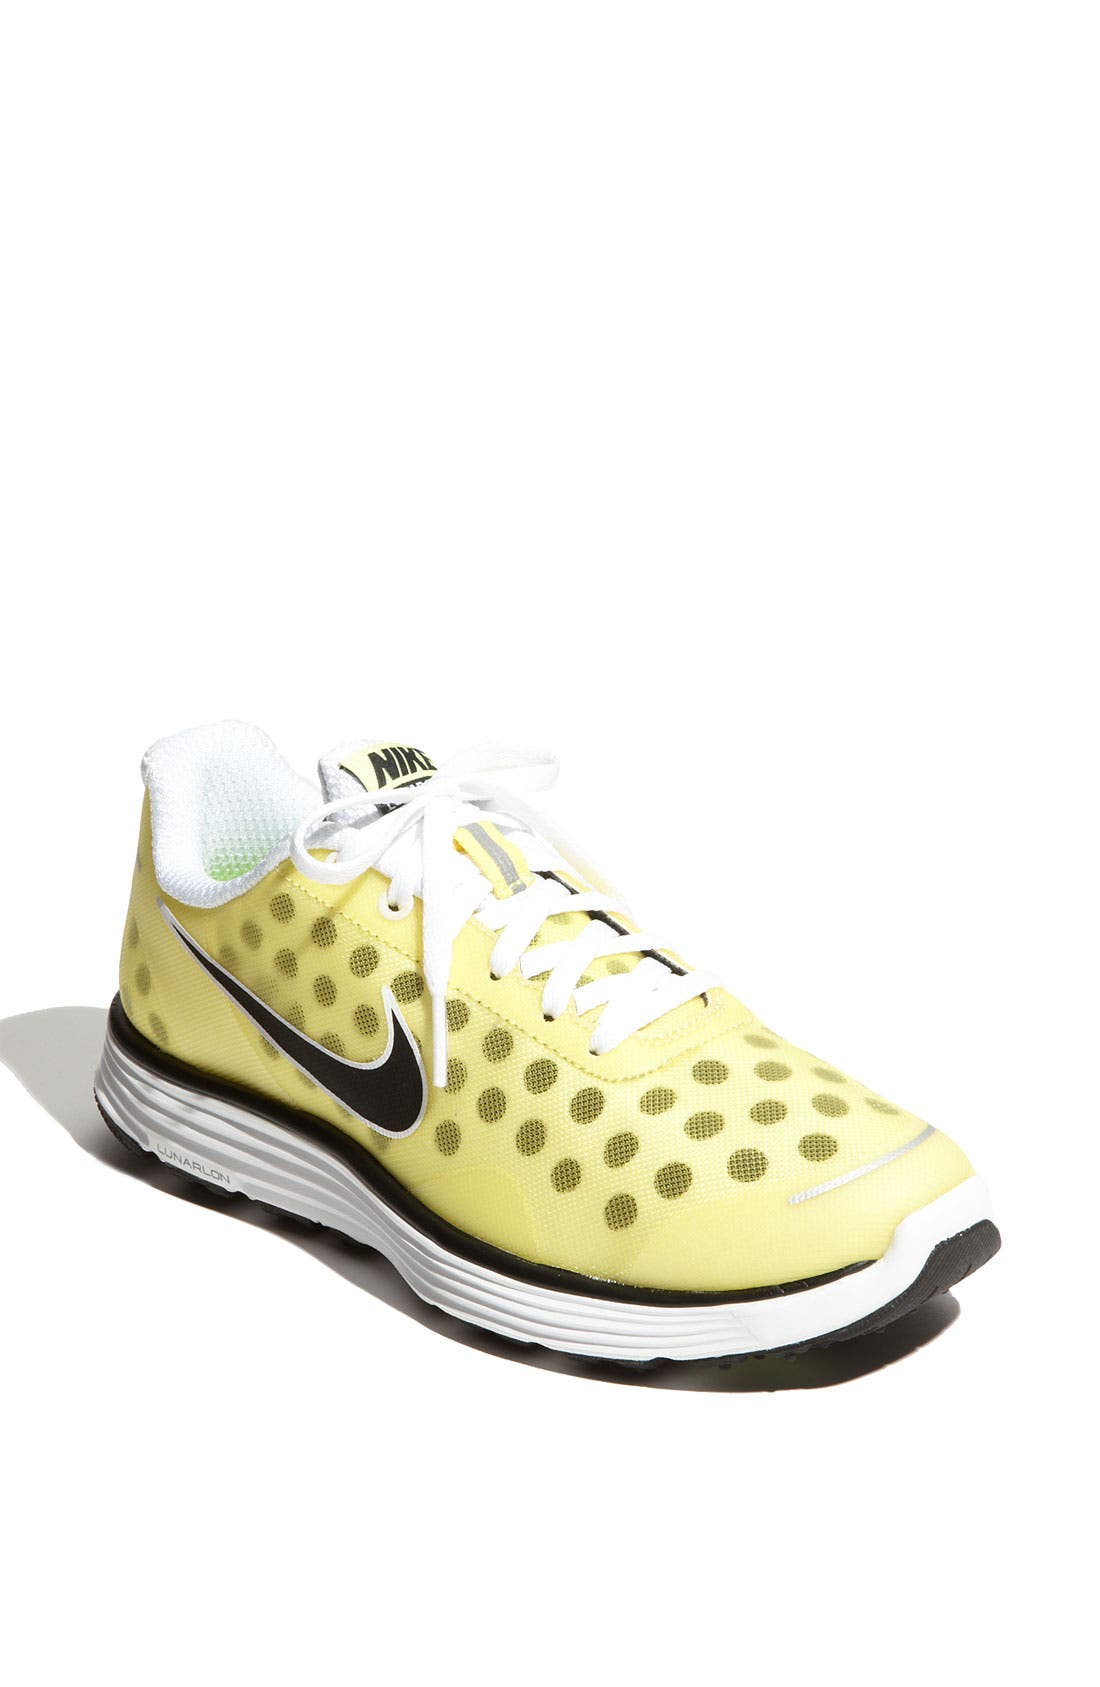 Main Image - Nike 'Lunarswift+ 2' Running Shoe (Women)